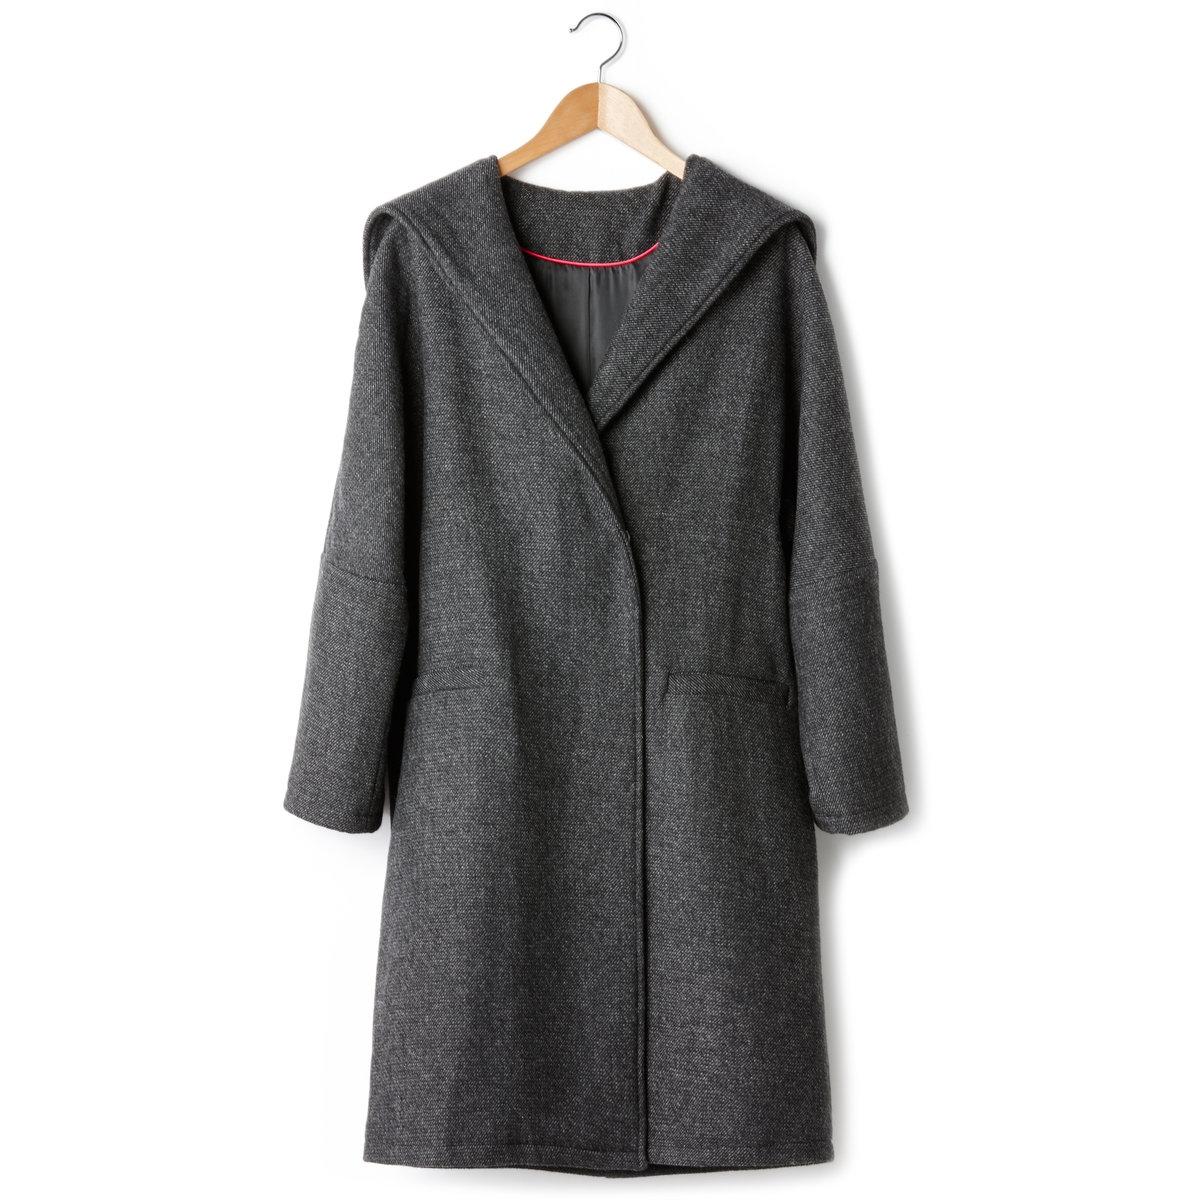 цены на Пальто-кокон с капюшоном в интернет-магазинах